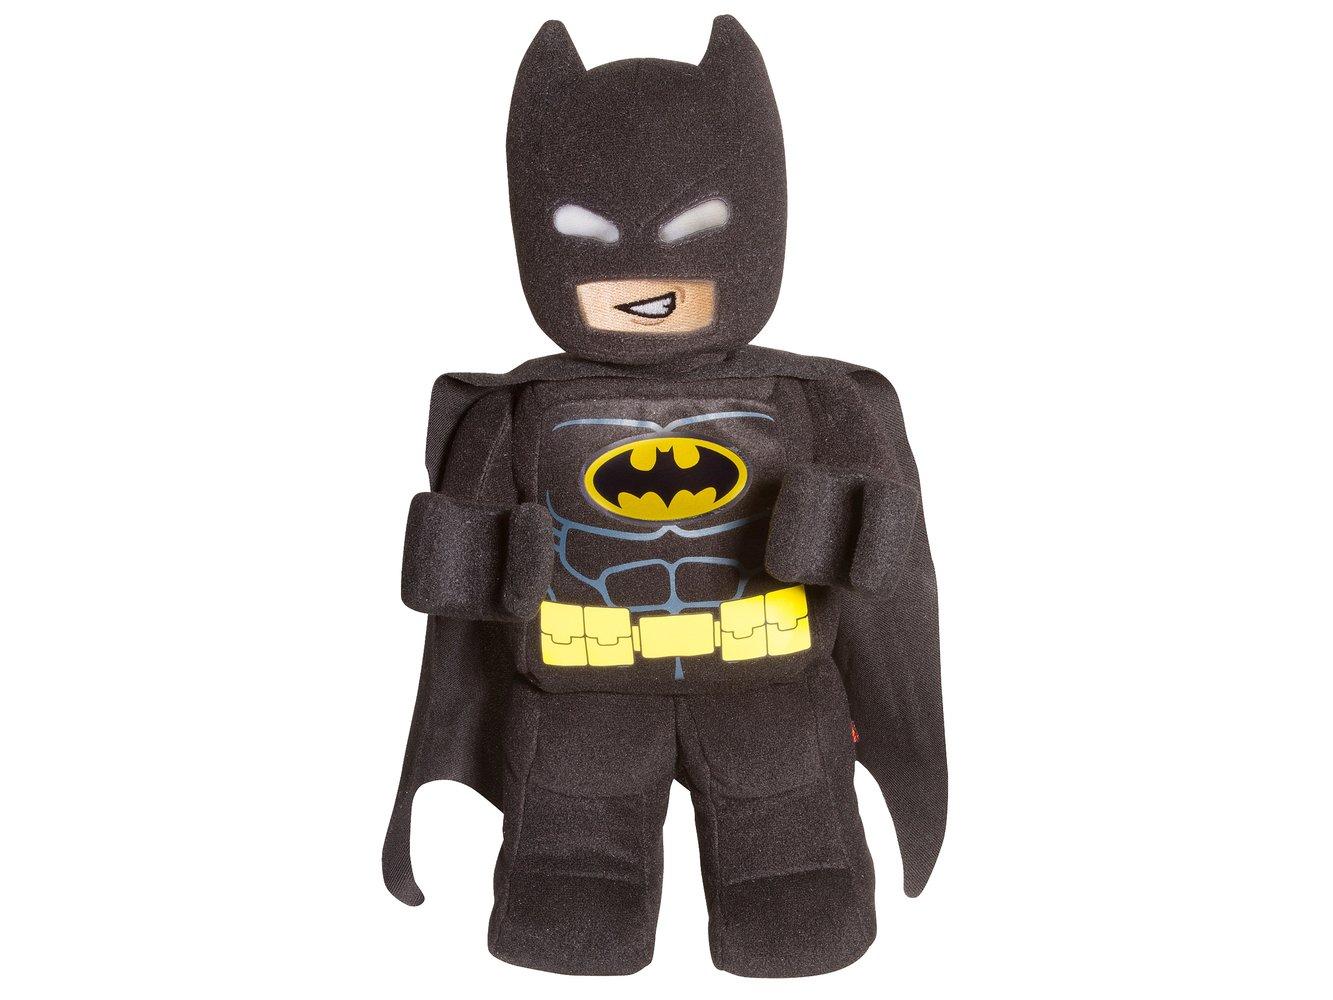 Batman Minifigure Plush